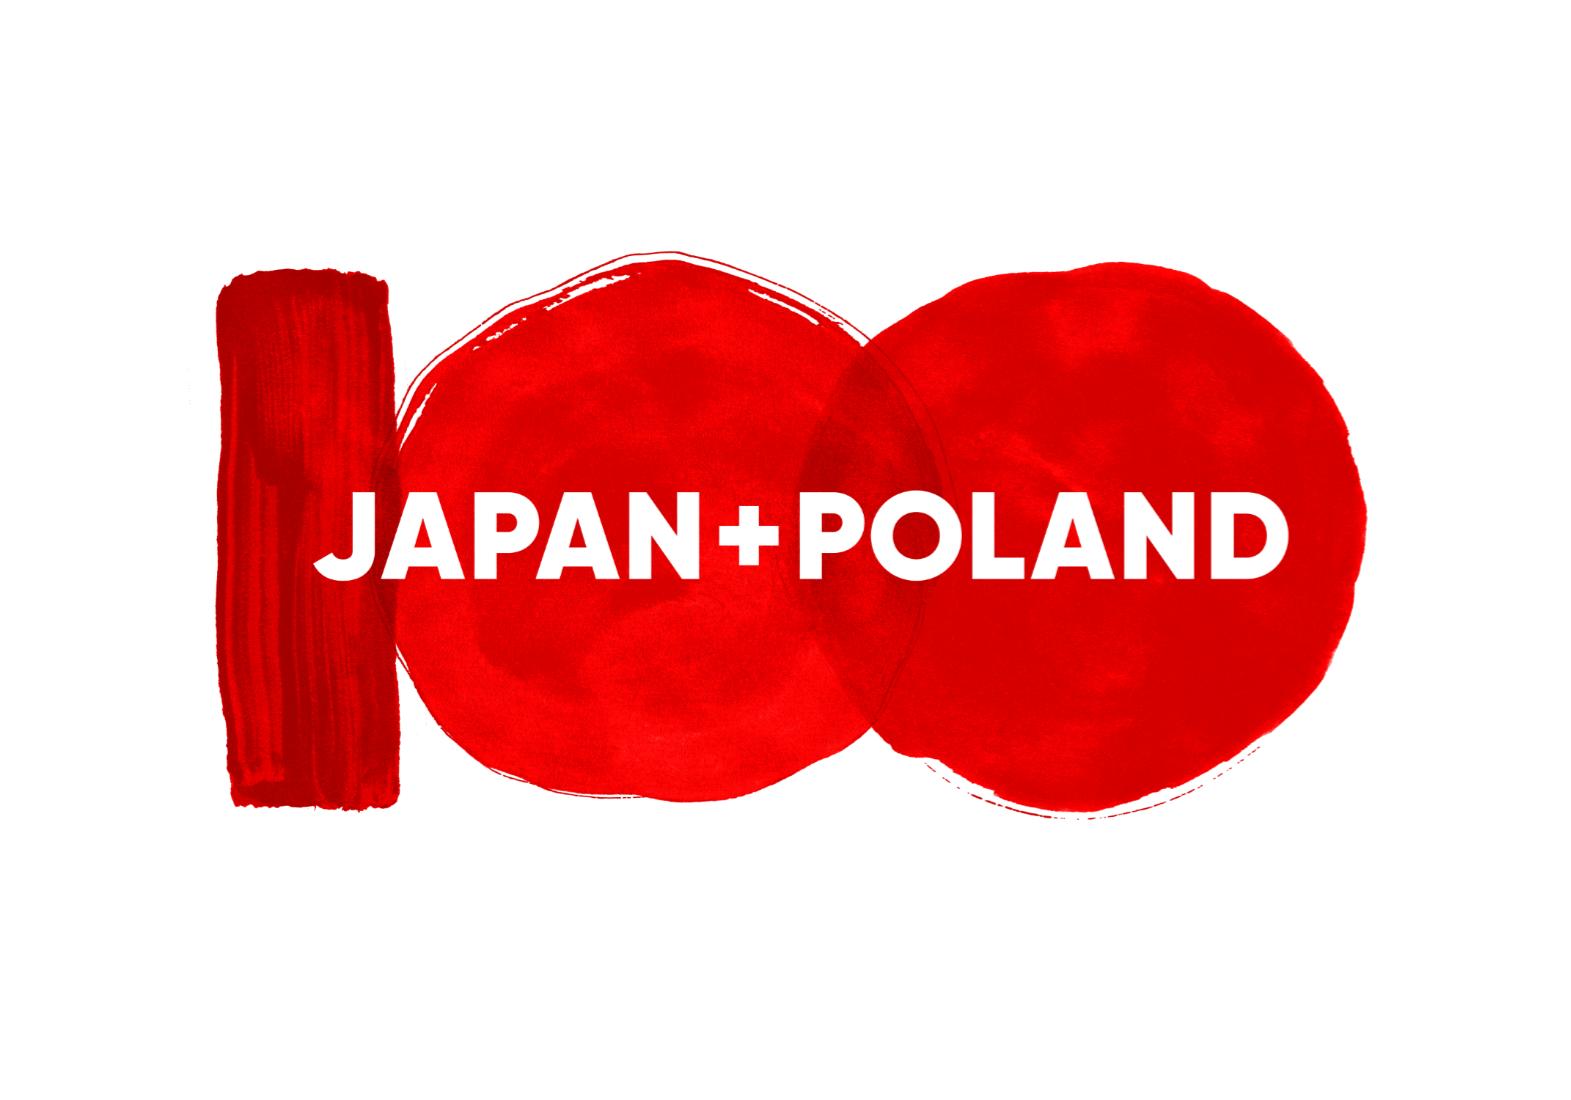 日本・ポーランド国交樹立100周年記念の公認イベントです。